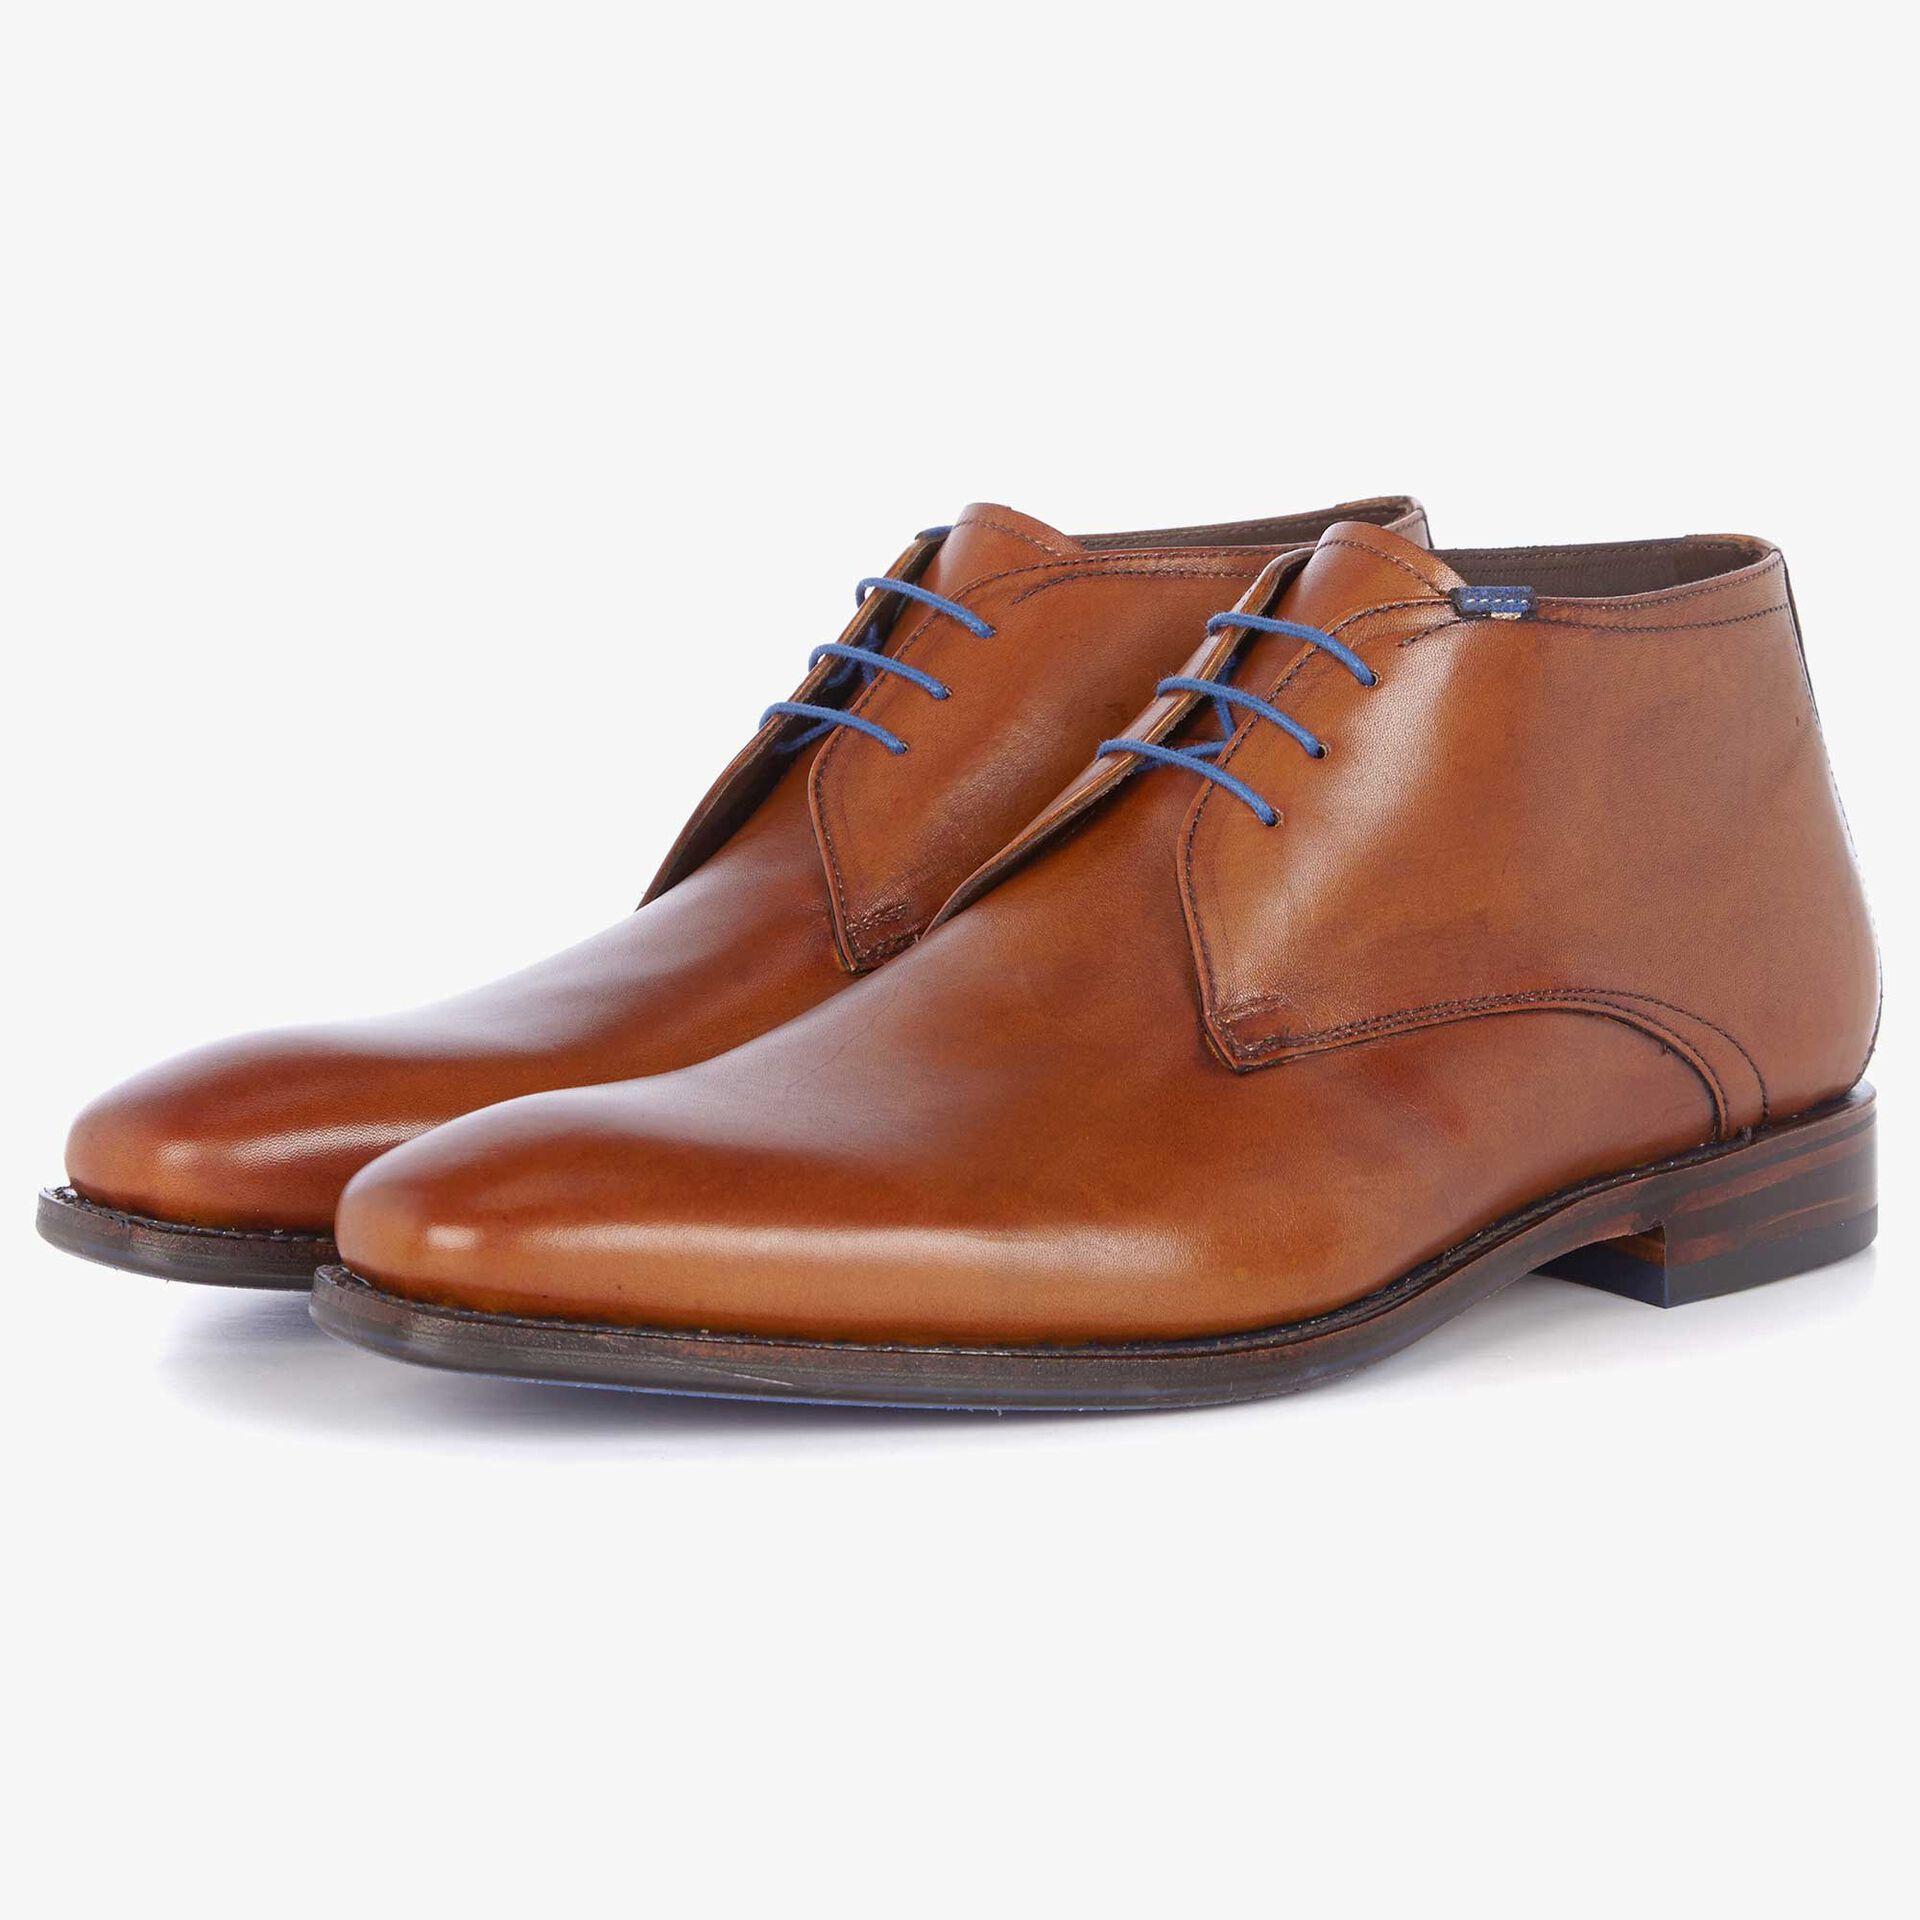 Floris van Bommel cognac leather men's lace-up boot